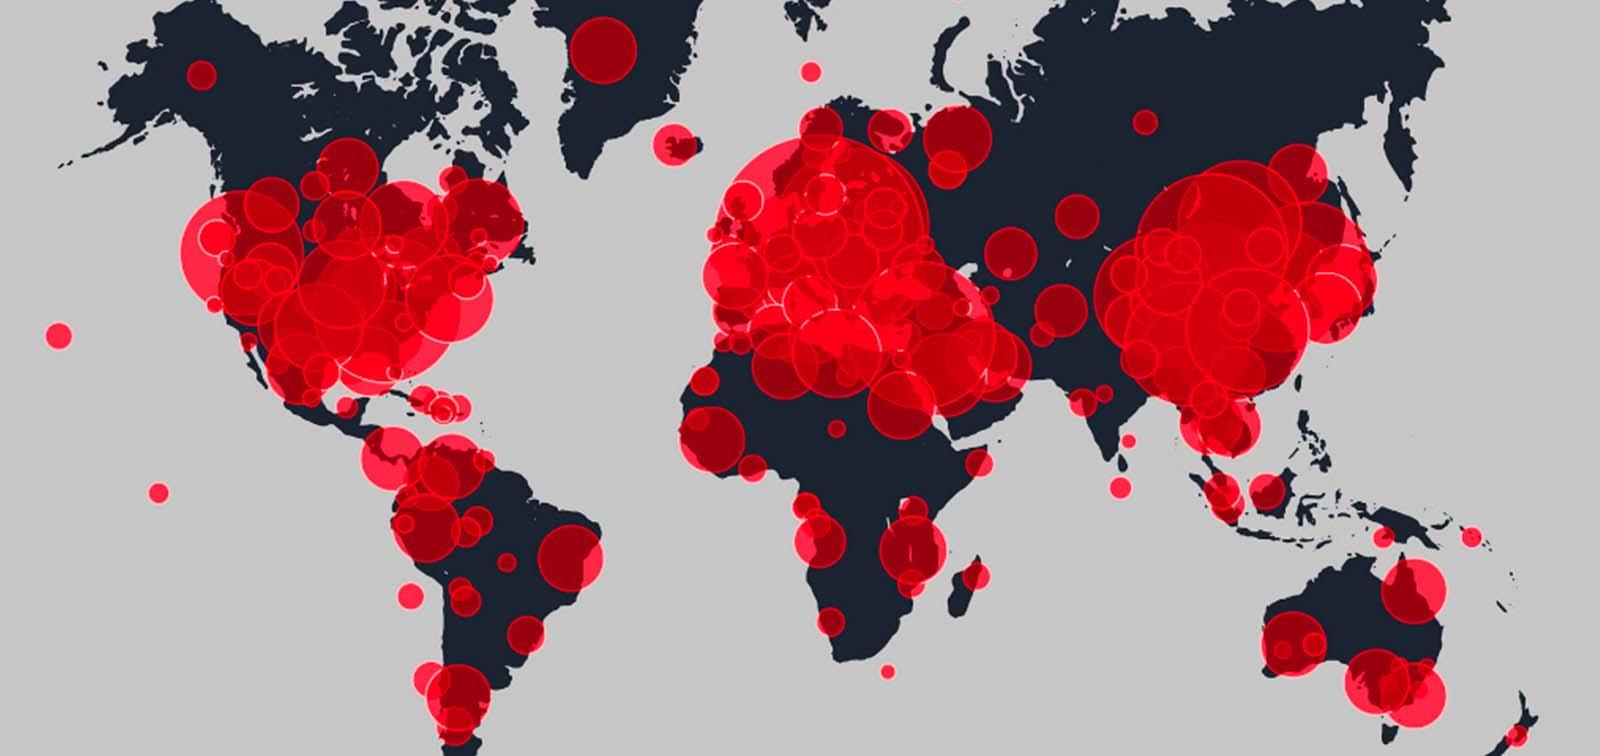 Ciclo Que Pasa En El Mundo Coronavirus Orden Internacional Y Salud Global Evento Isglobal